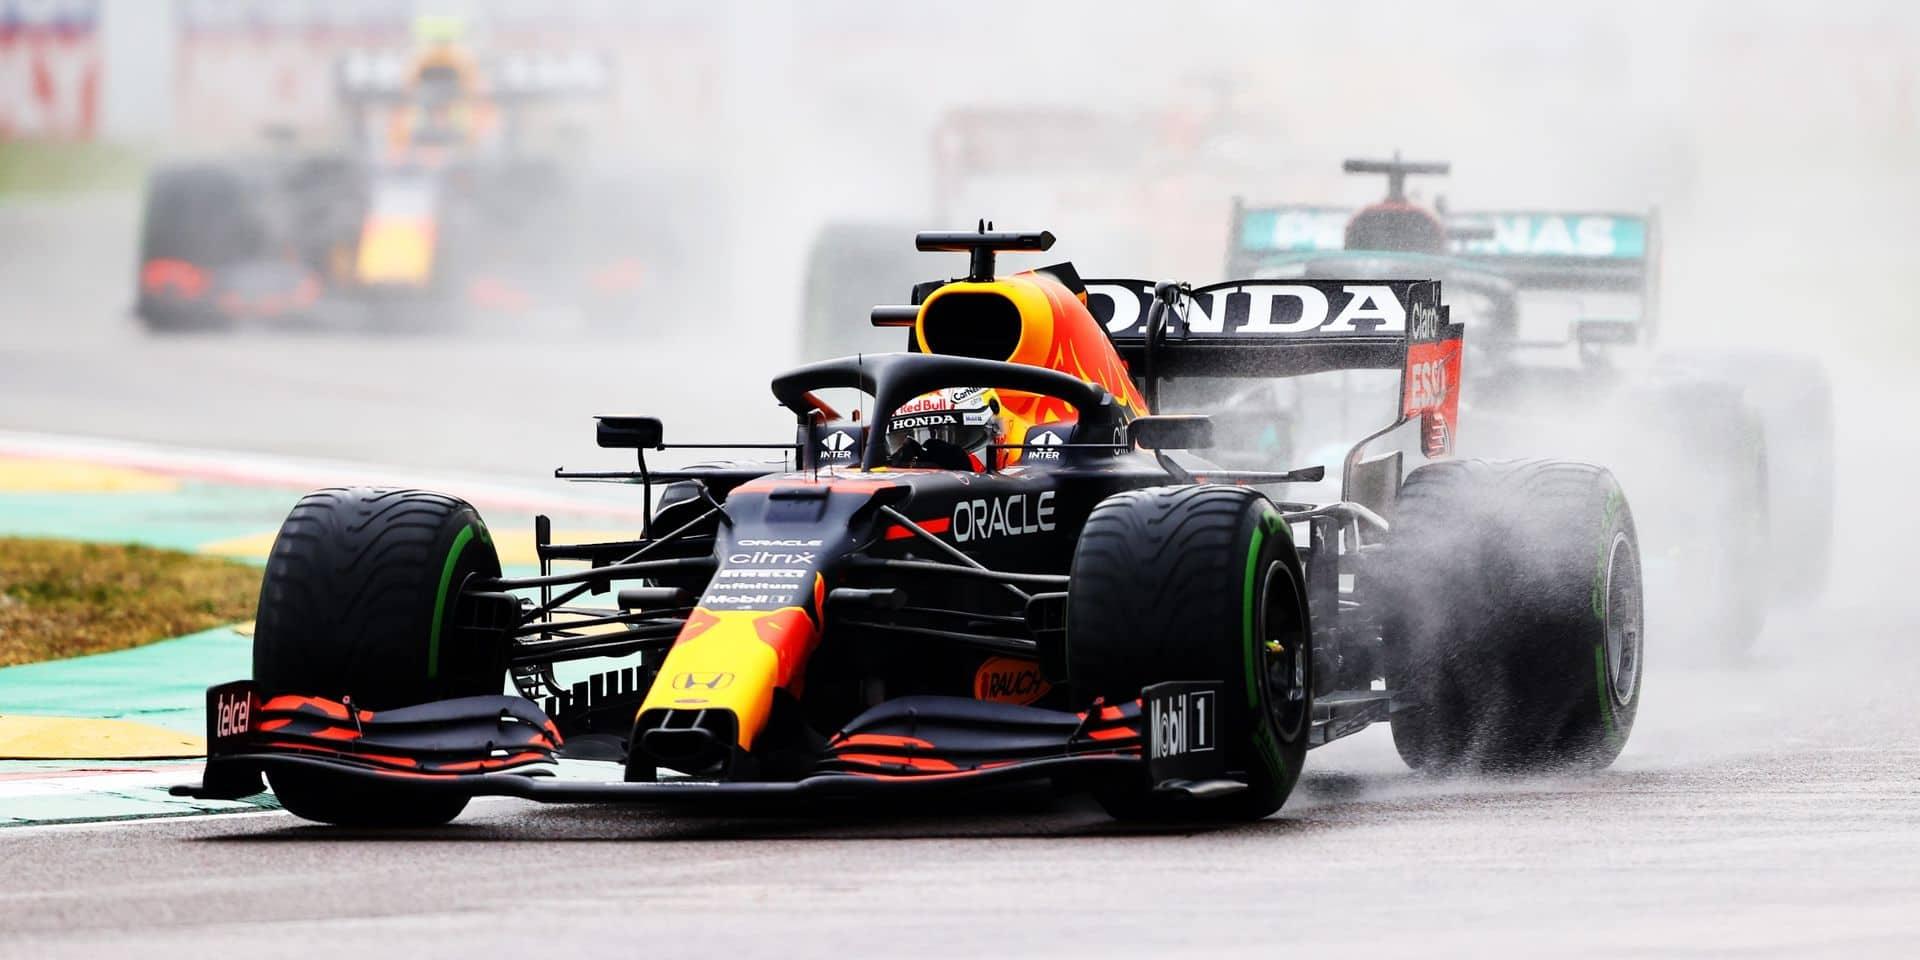 Max Verstappen remporte un Grand Prix d'Emilie-Romagne à rebondissements